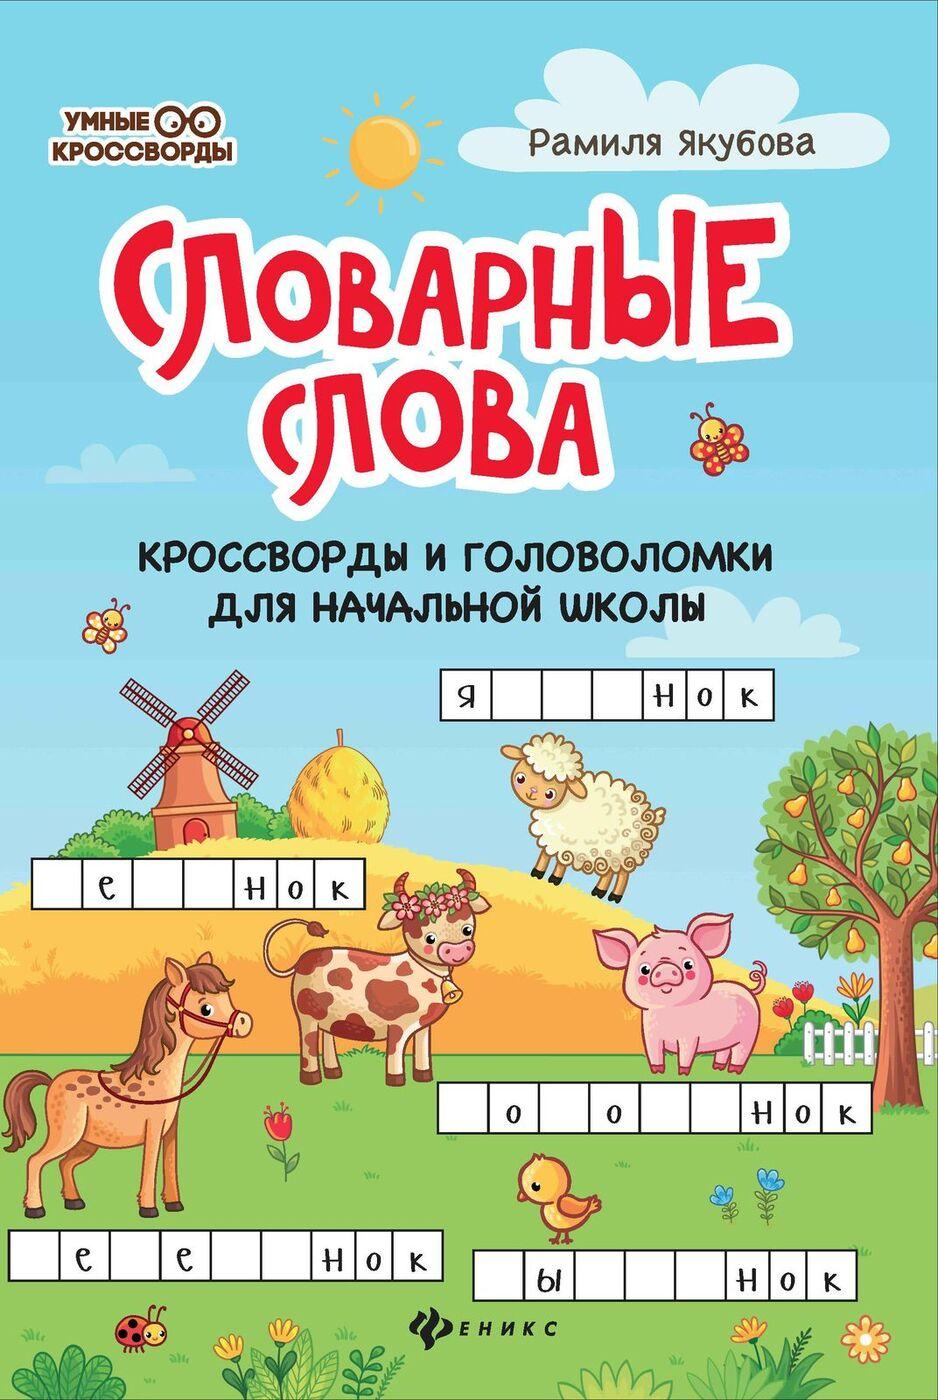 Словарные слова: Кроссворды и головоломки для начальной школы